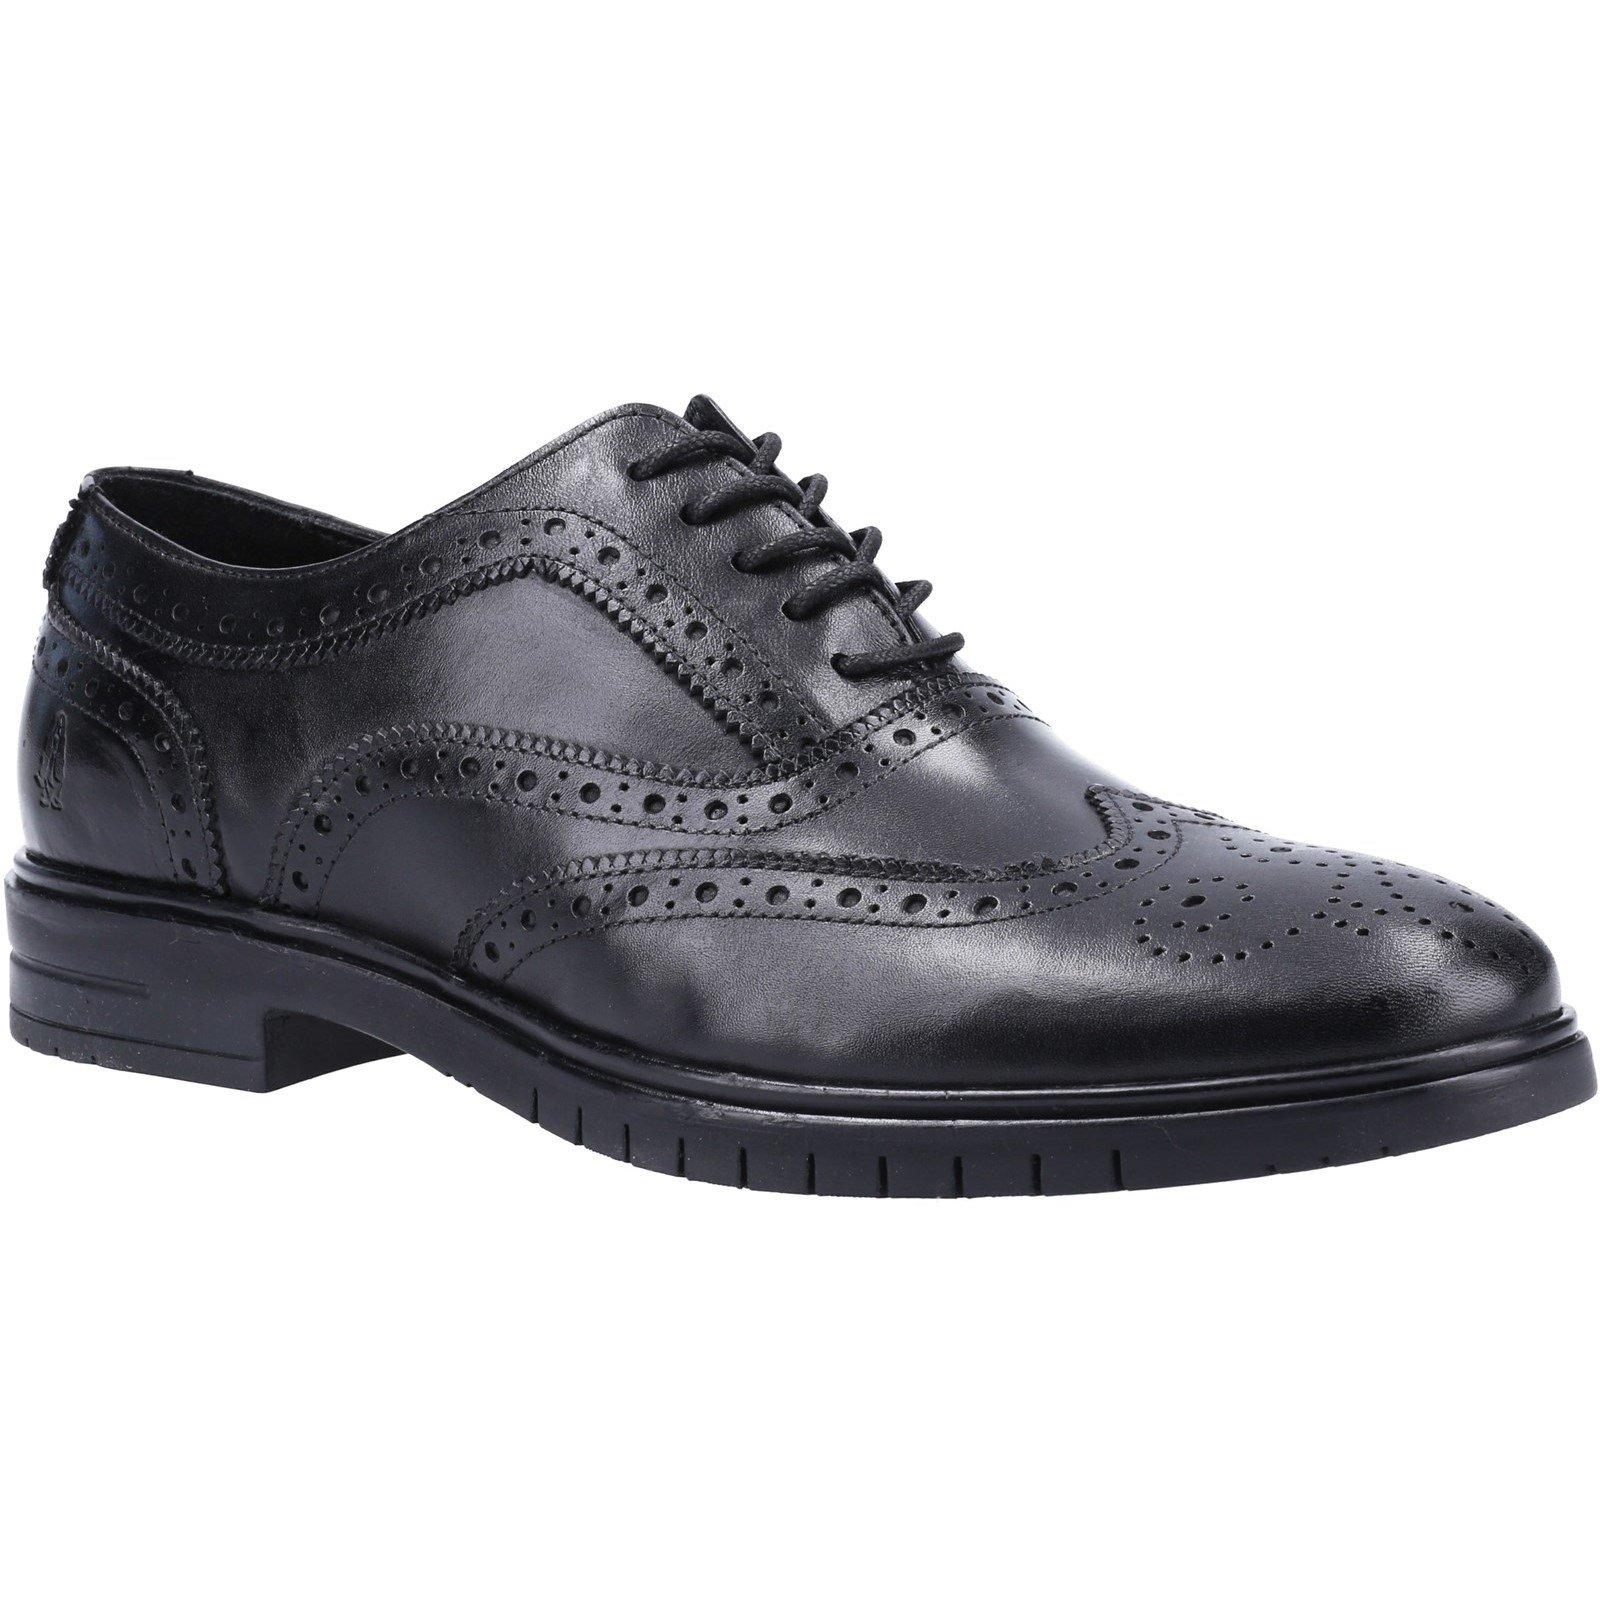 Hush Puppies Men's Santiago Lace Brogue Shoe Black 31989 - Black 8